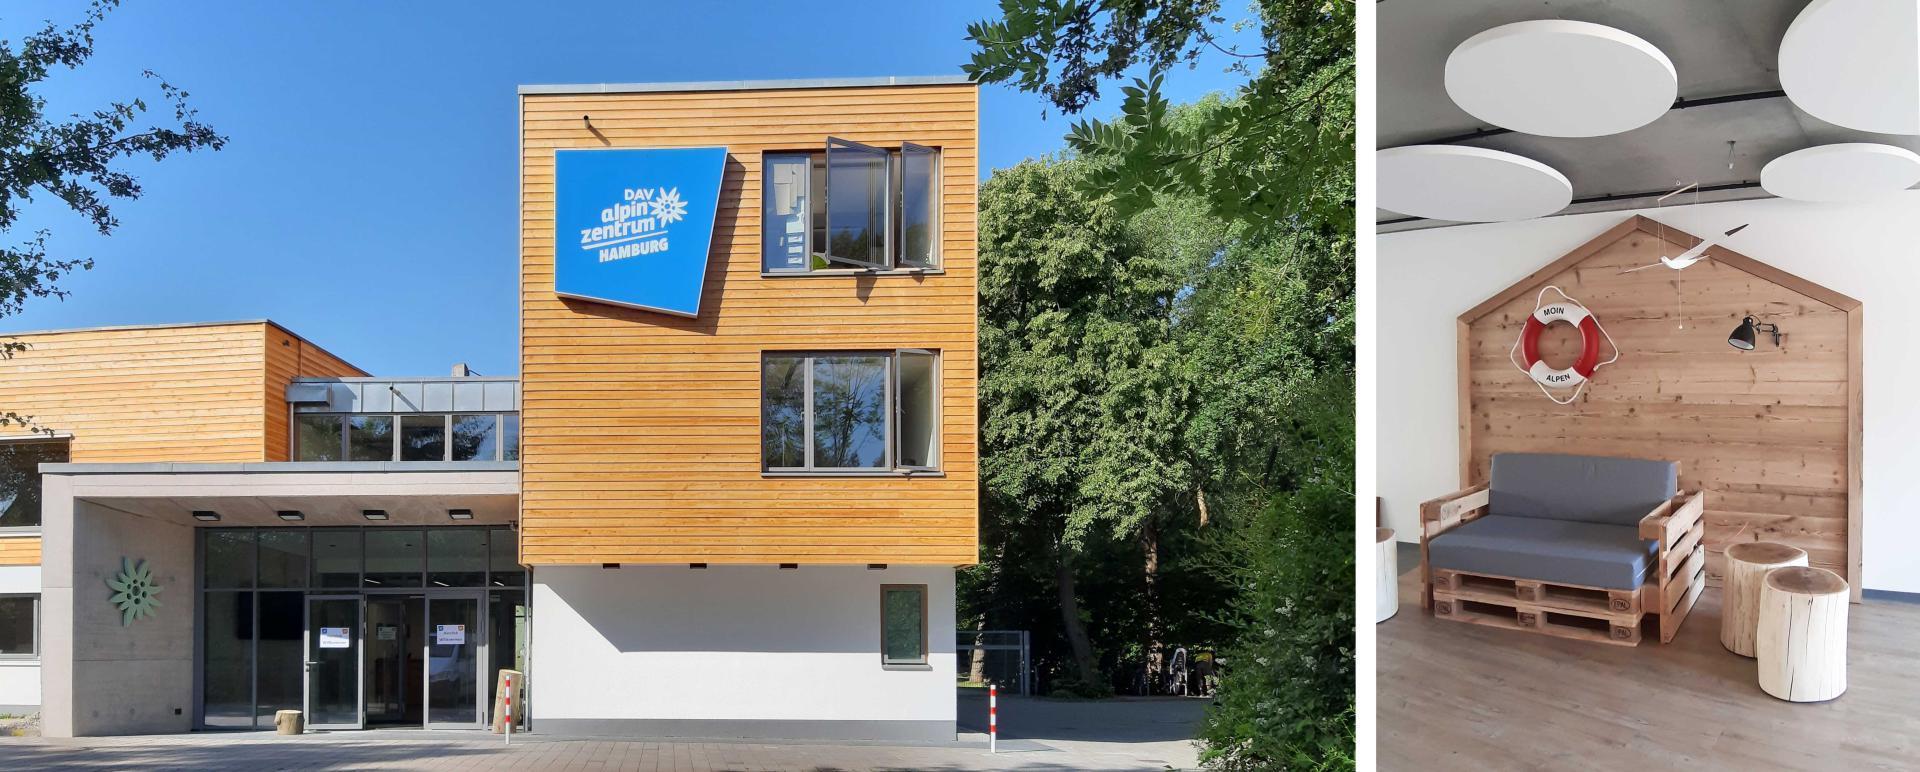 Katharina Born architektur innenarchitektur DAV außen und innen